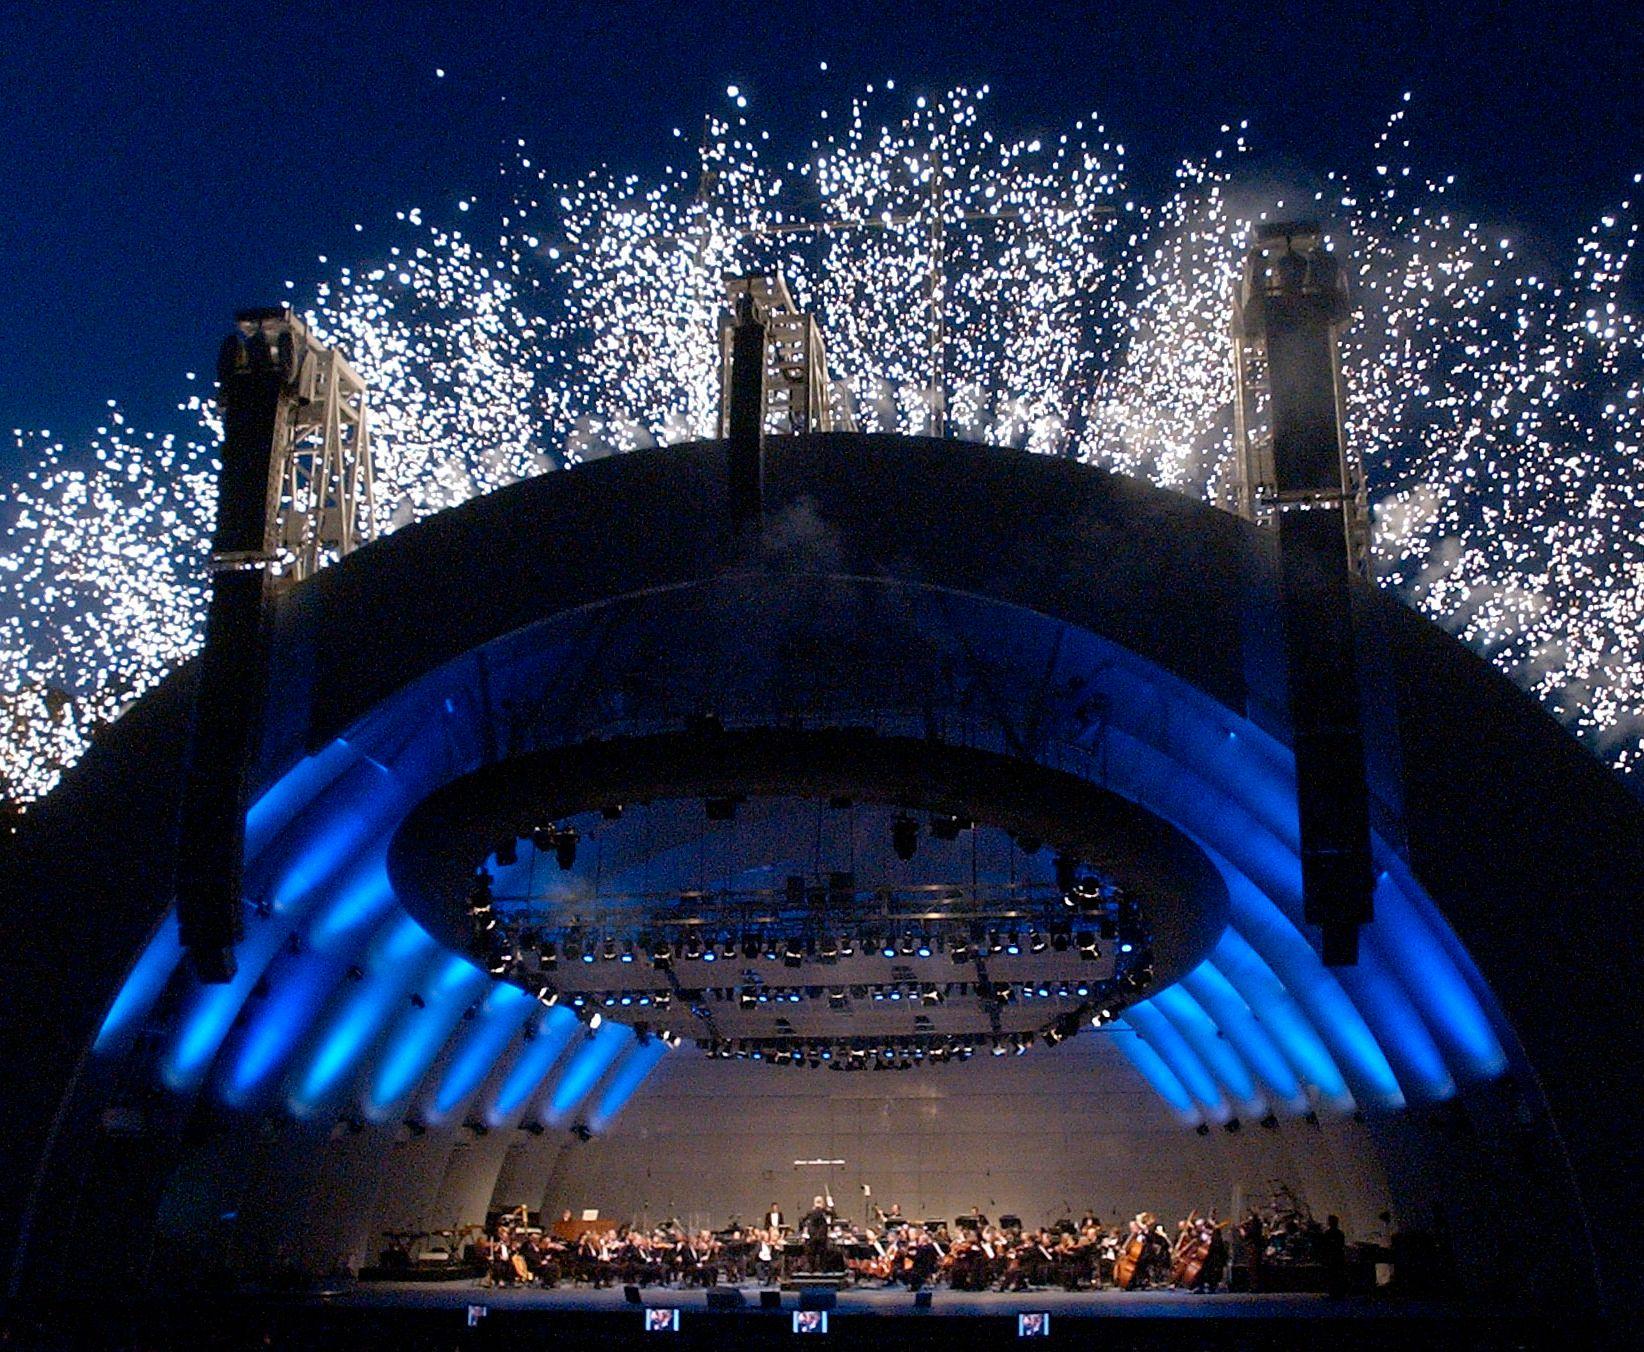 KYGO-VENNLIG: Slik så det ut da The Hollywood Bowl Orchestra innviet konsertstedets nyrenoverte scene i 2004. Foto: AP